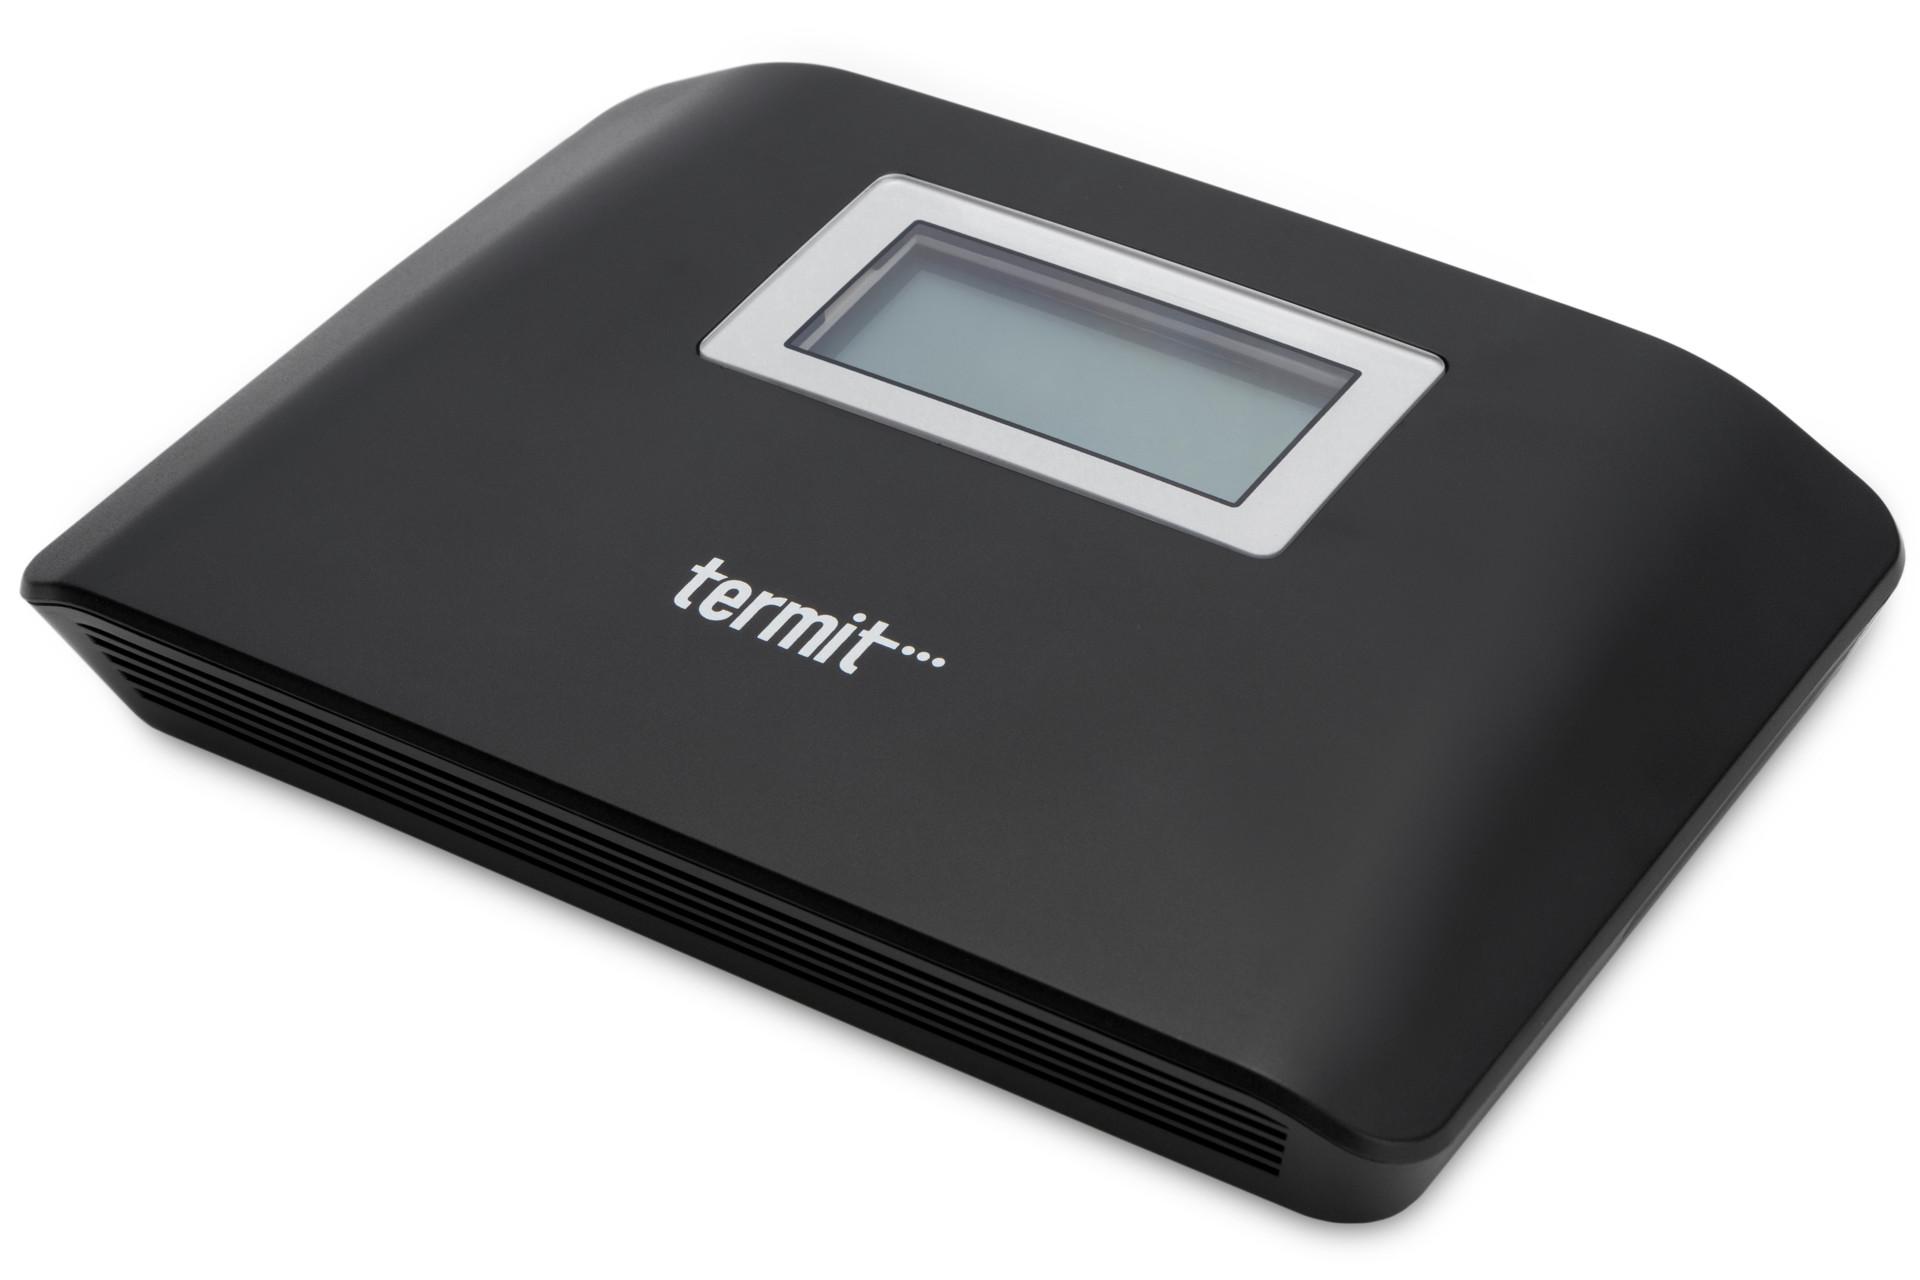 Termit voicefax драйвера скачать